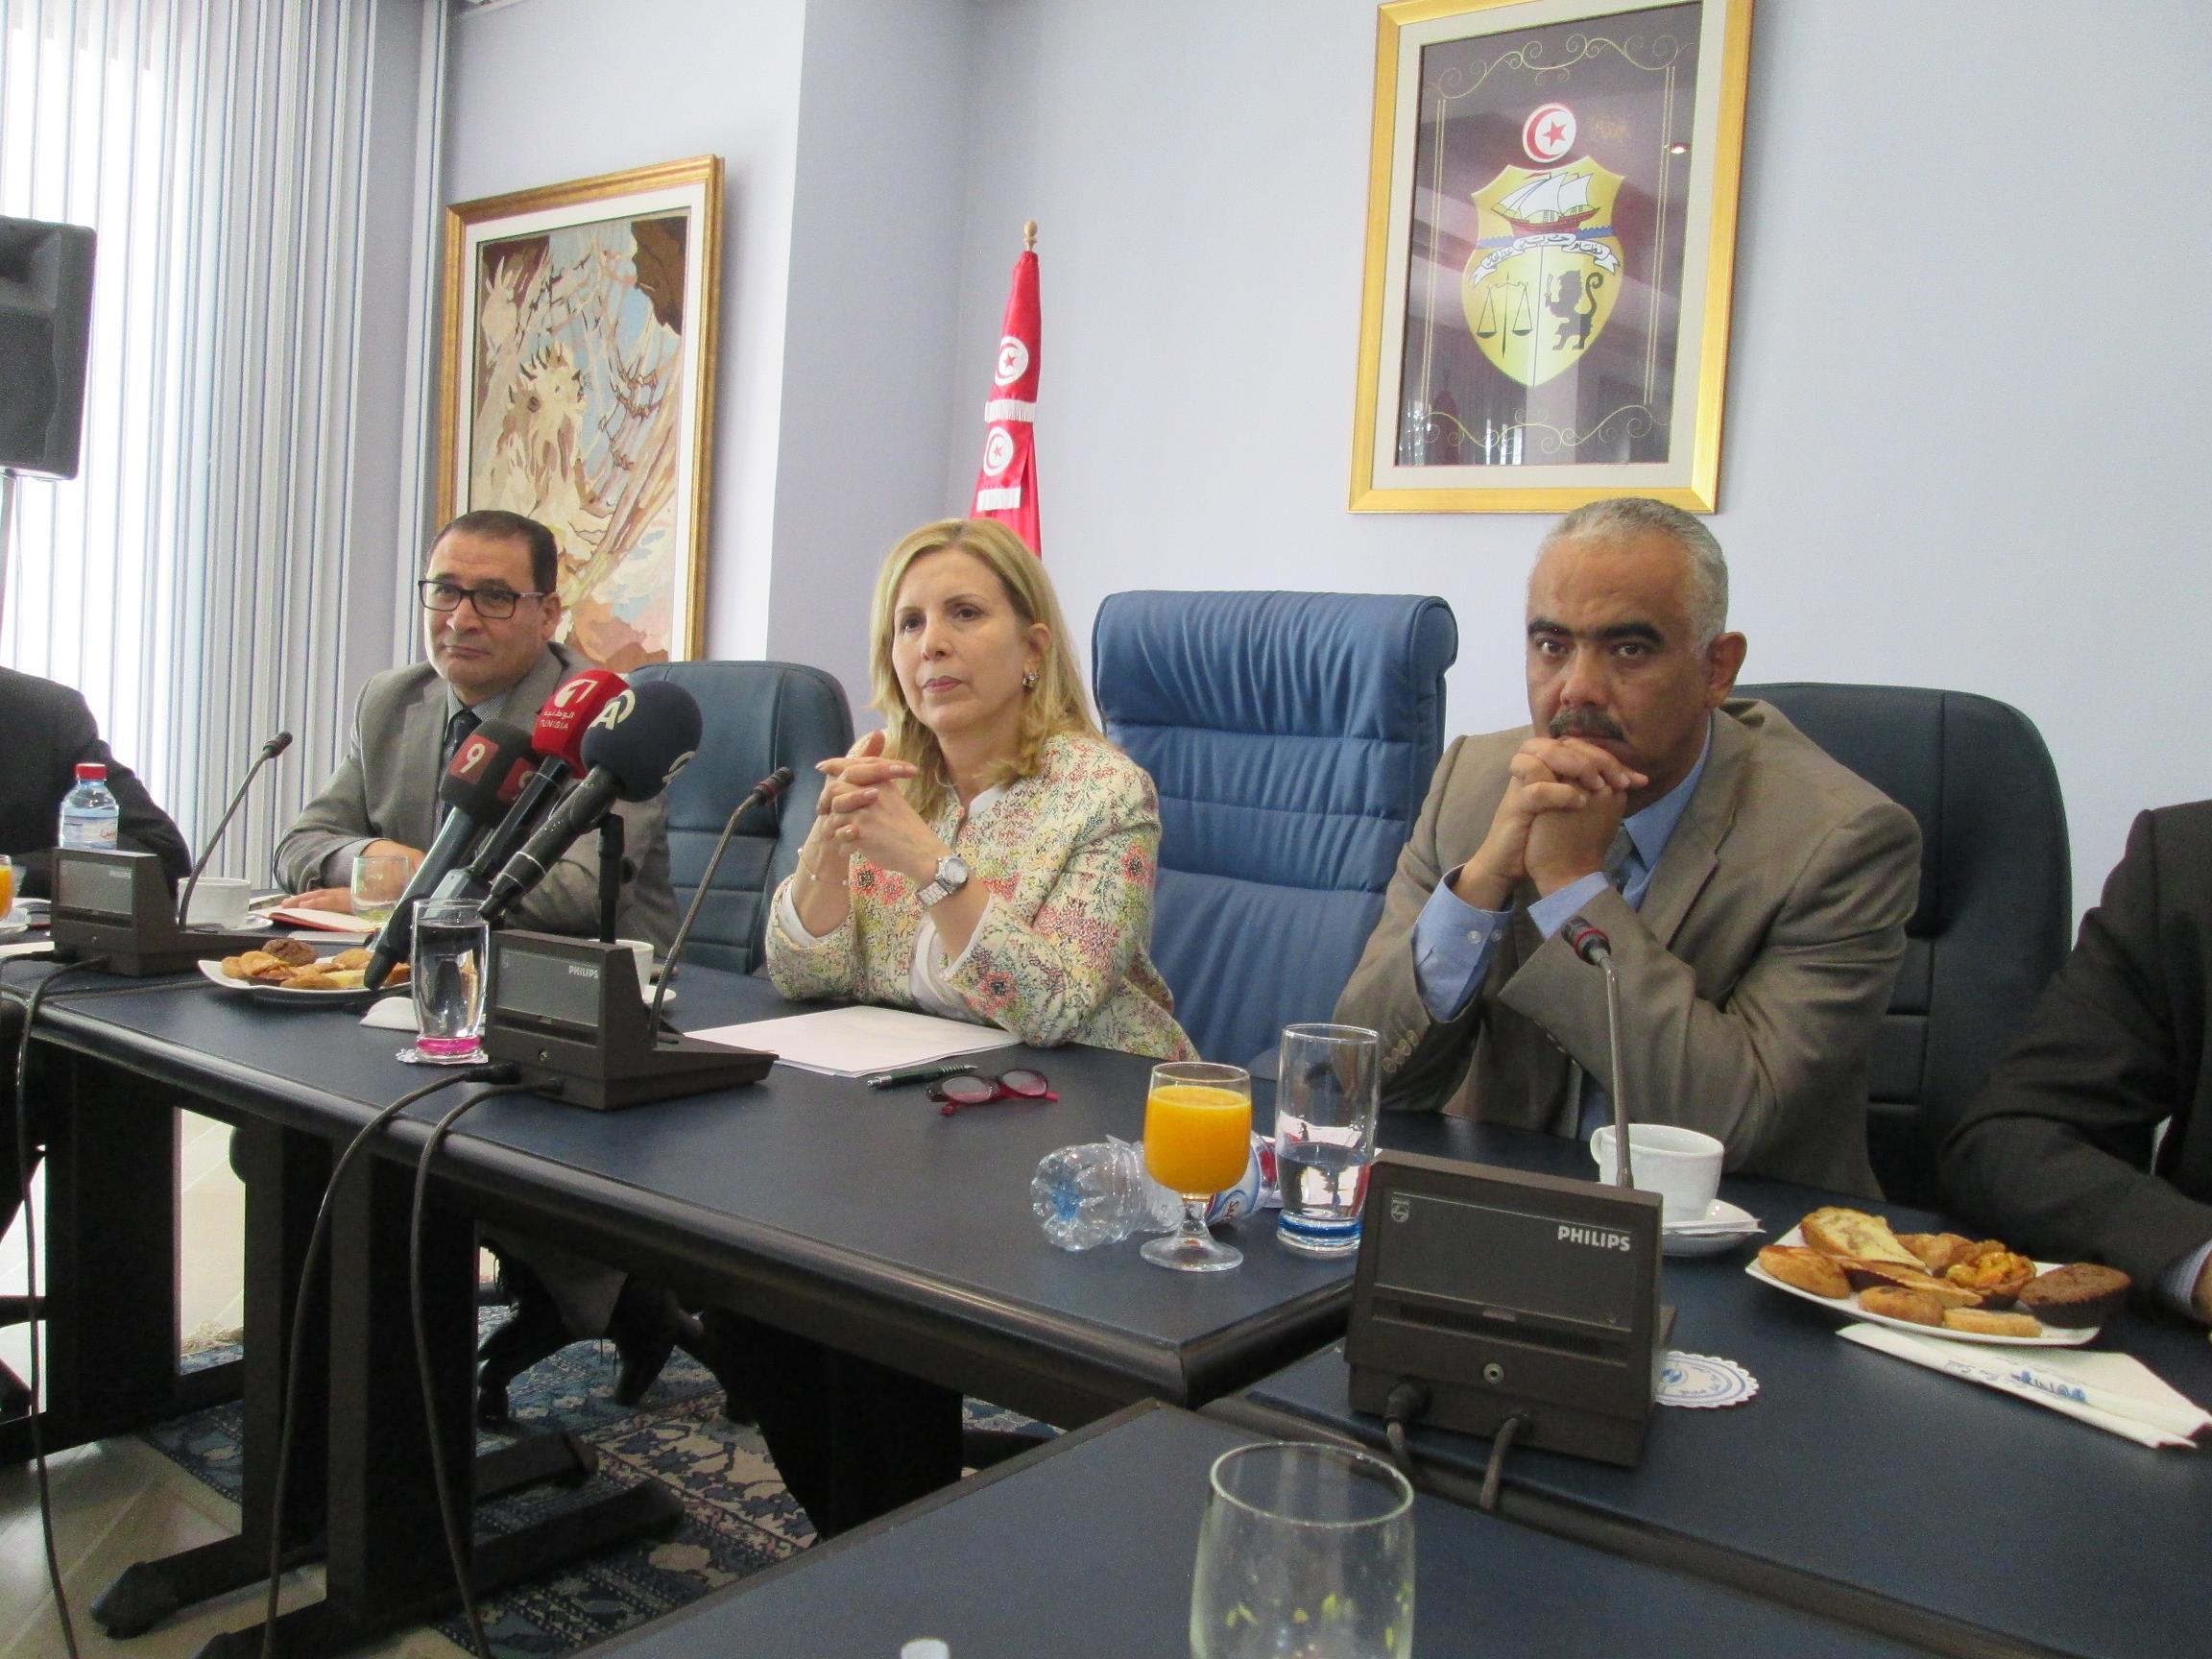 Au ministère du tourisme à Tunis, Salma Elloumi Rekik Ministre du Tourisme et de l'Artisanat de Tunisie reçoit les représentants des organisations syndicales françaises. Ici, entourée par Abdellatif Hamam  Directeur Général de l'ONTT (à gauche) et par son Chef de Cabinet. Photo MS.